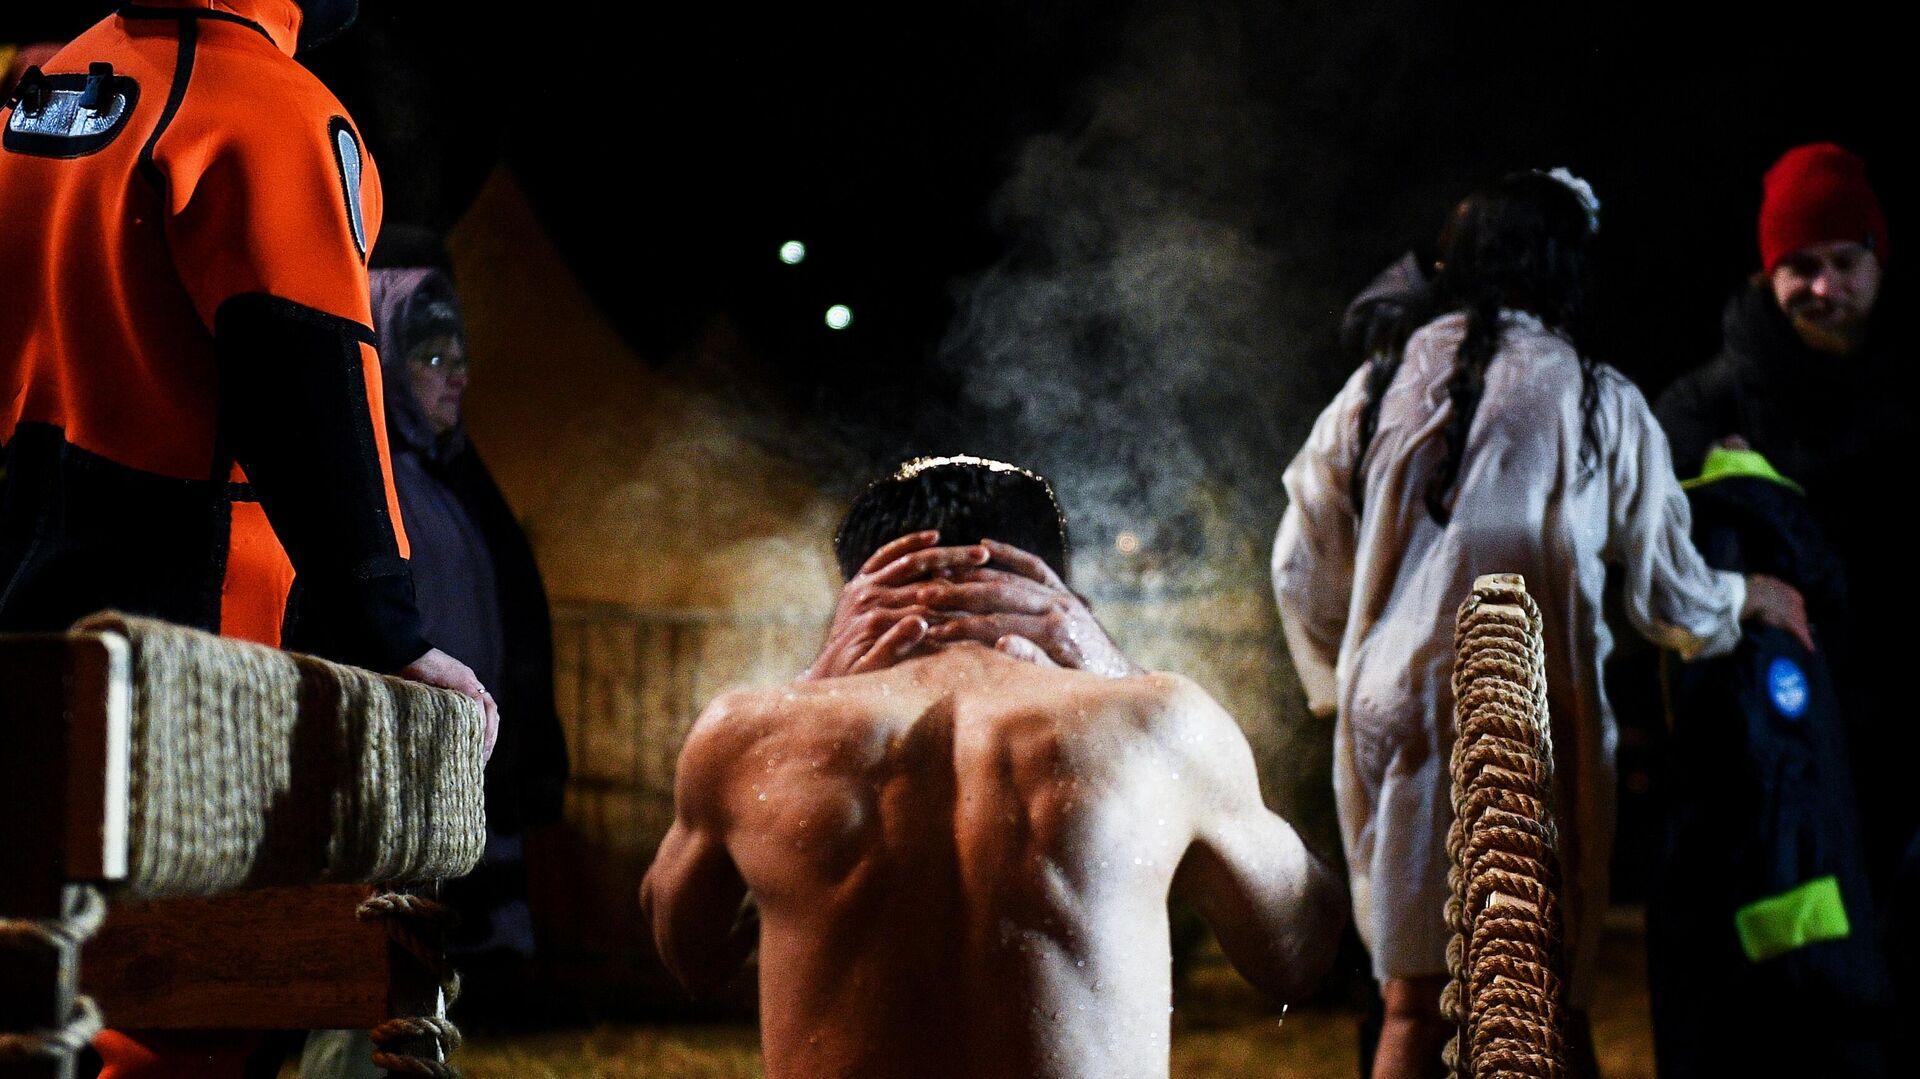 Мужчина во время крещенских купаний на территории яхт-клуба Алые Паруса в Москве - РИА Новости, 1920, 18.01.2021